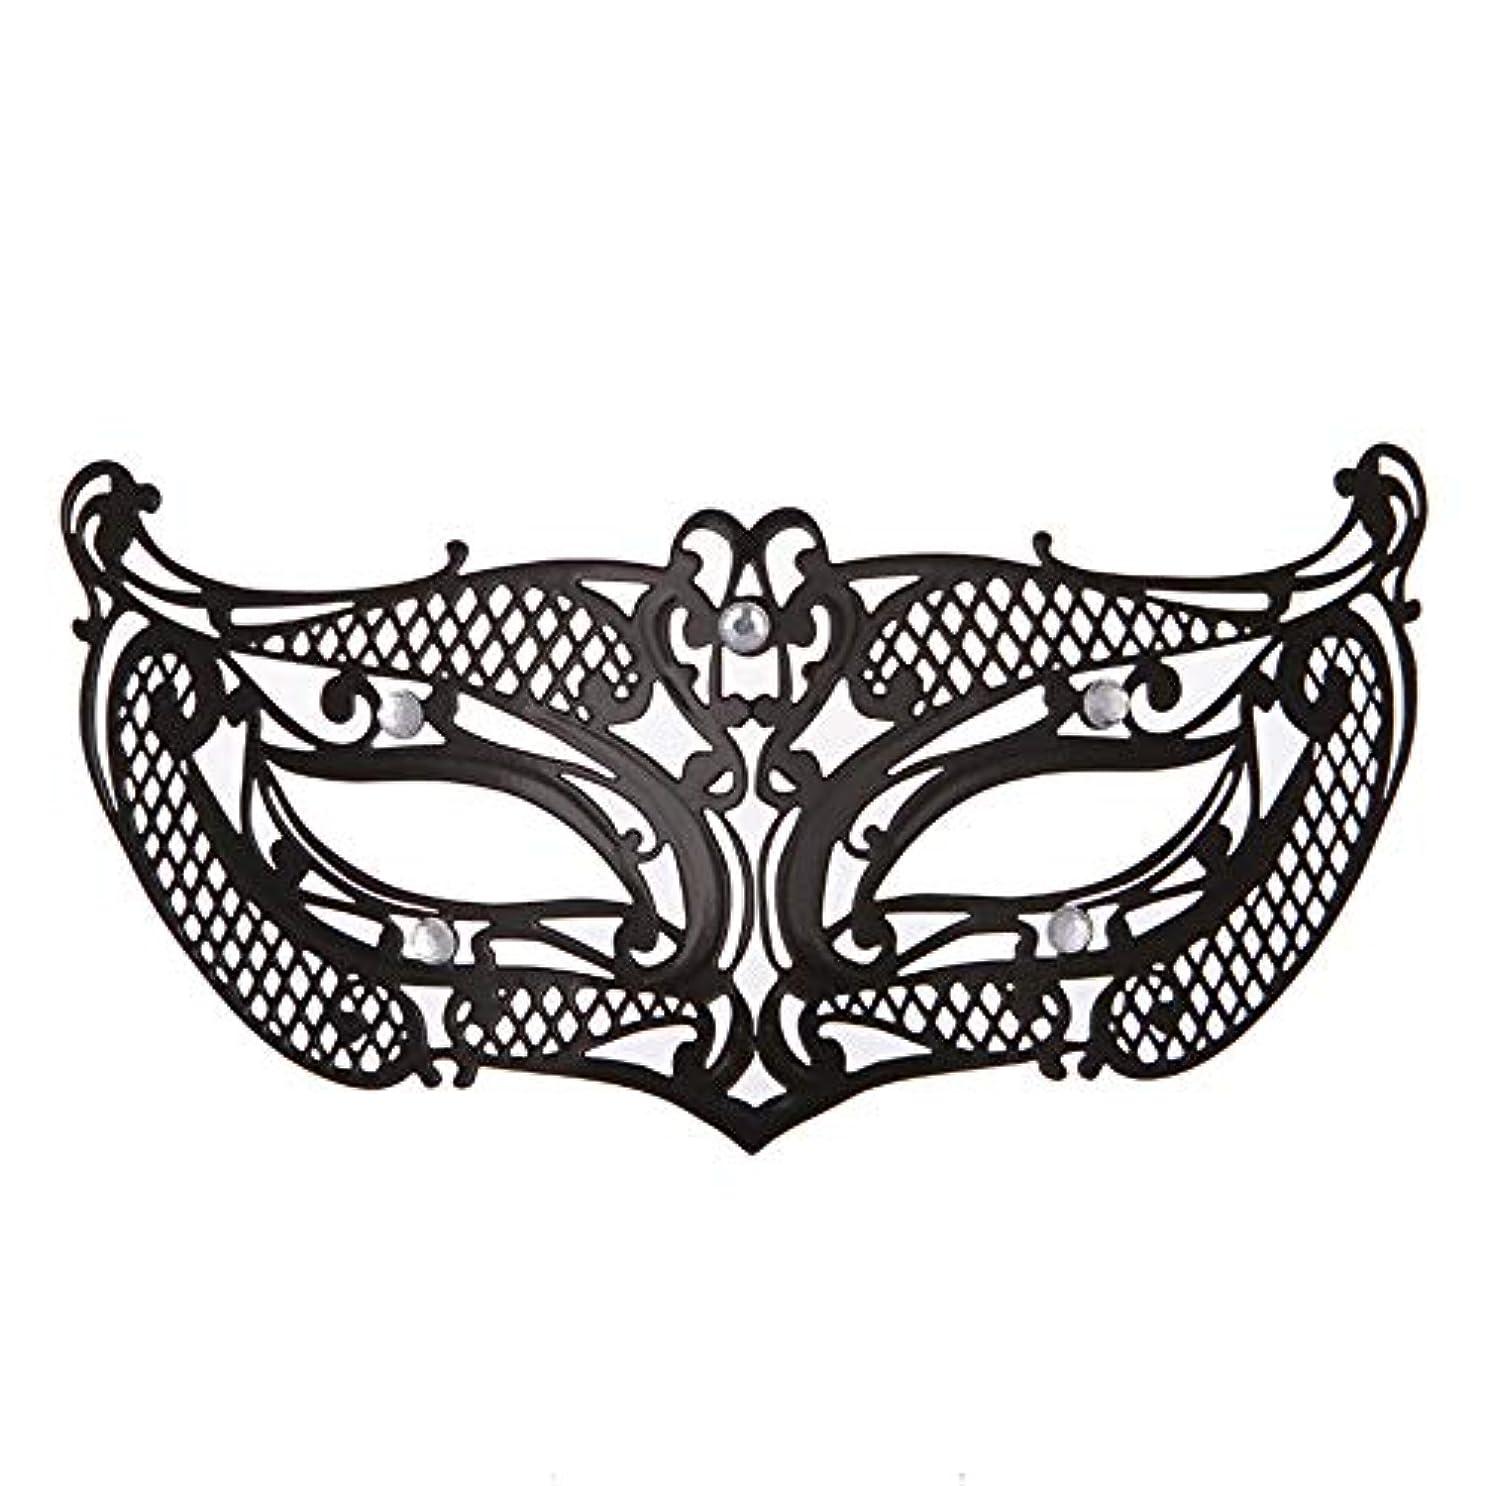 一定起きてアンケートダンスマスク アイアンメタリックレースとダイヤモンドハーフマスクハロウィンダンスマスクナイトクラブボールマスクコスプレパーティーハロウィンマスク ホリデーパーティー用品 (色 : ブラック, サイズ : 19x8cm)